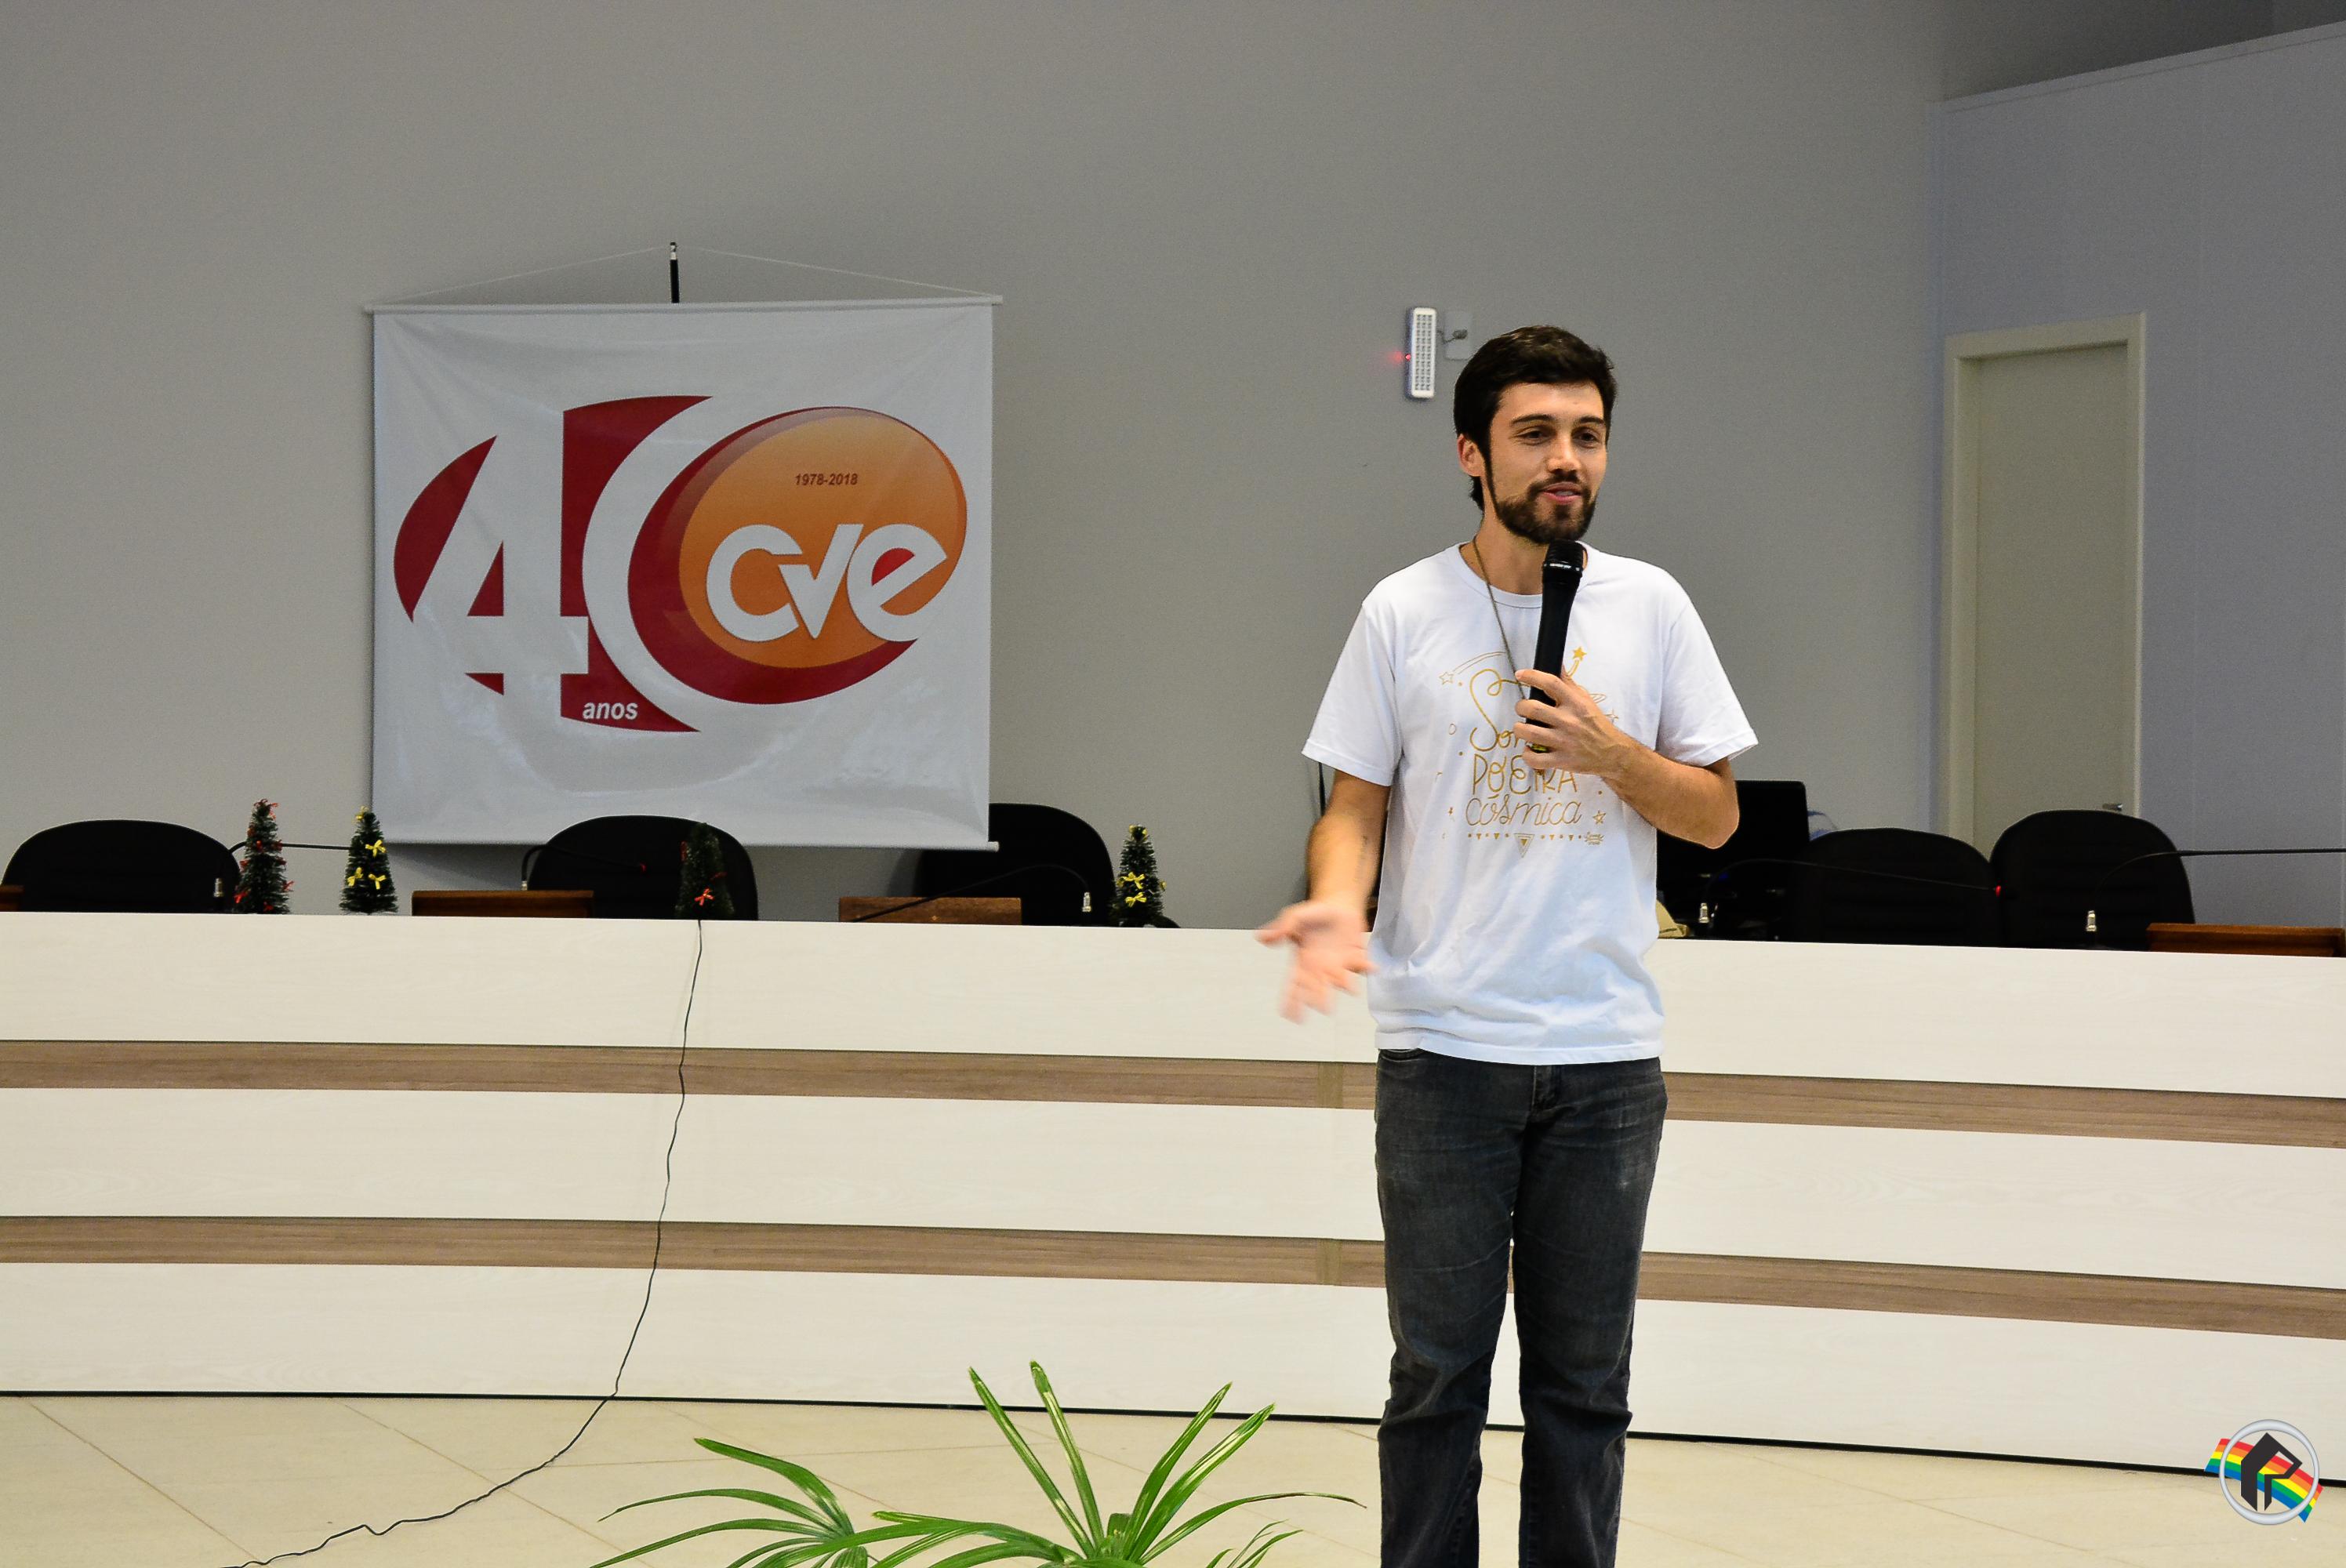 Instituto Educacional CVE promove palestra com Thiago Berto